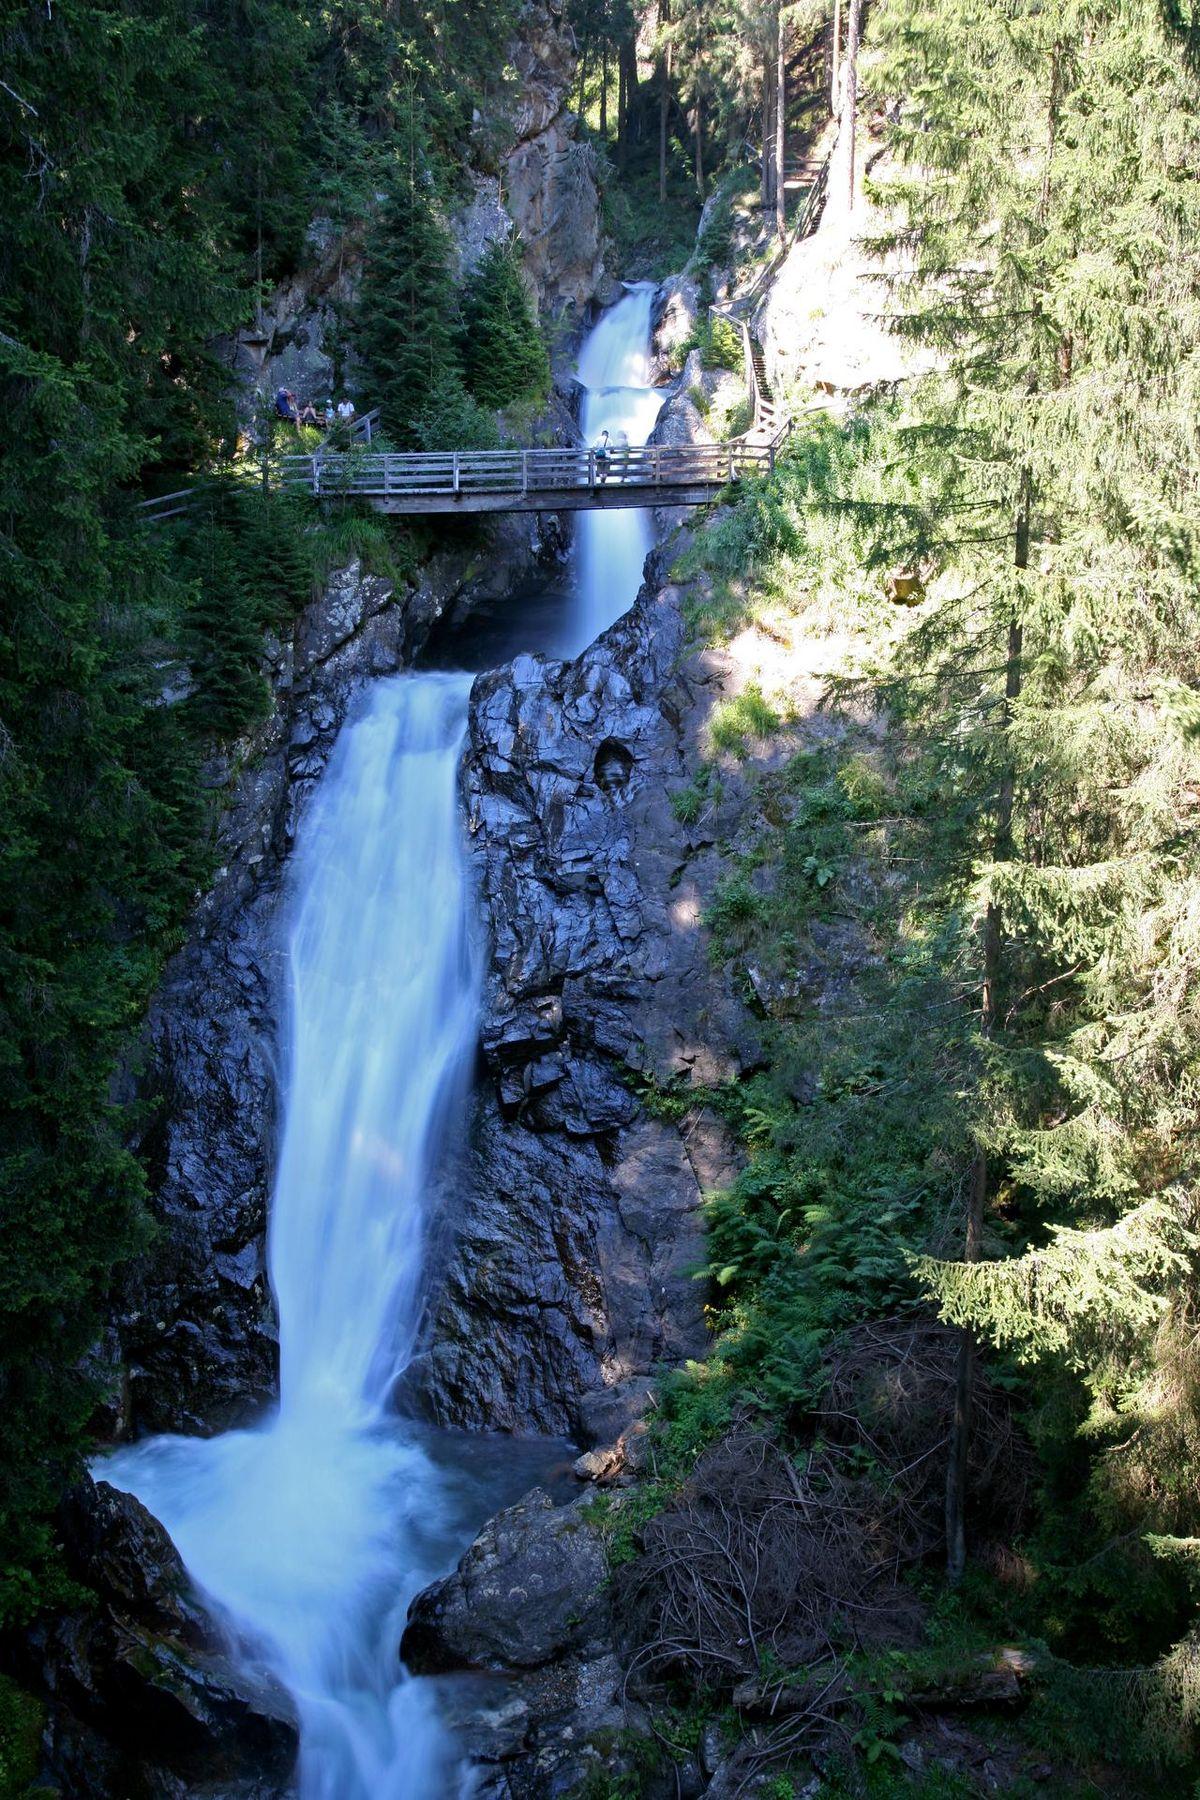 Gunster Wasserfall Fa Lowa HerbertRaffalt